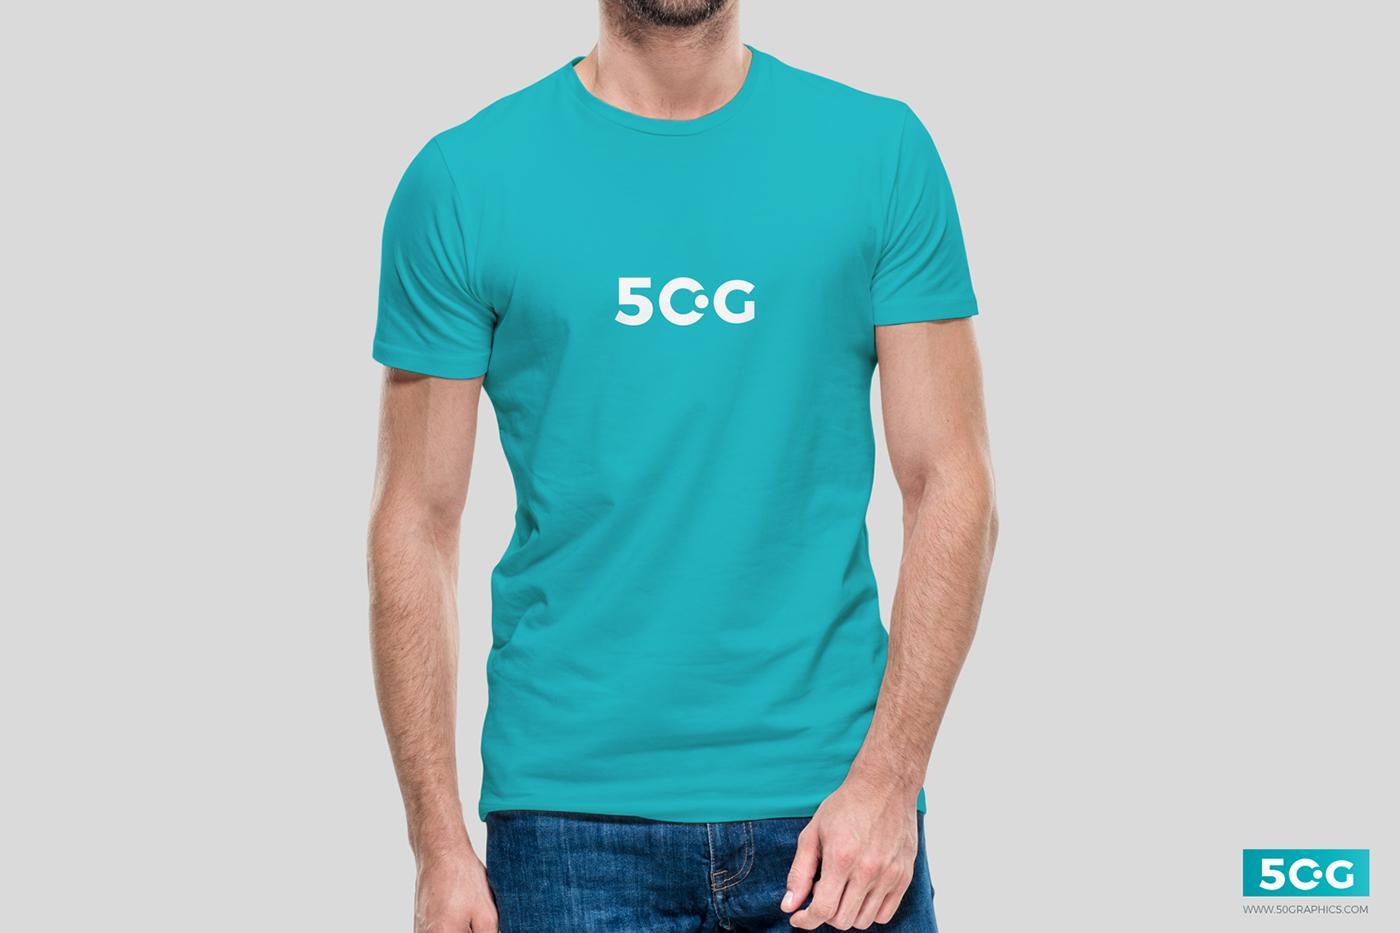 Download Free Shirt Mockup Templates